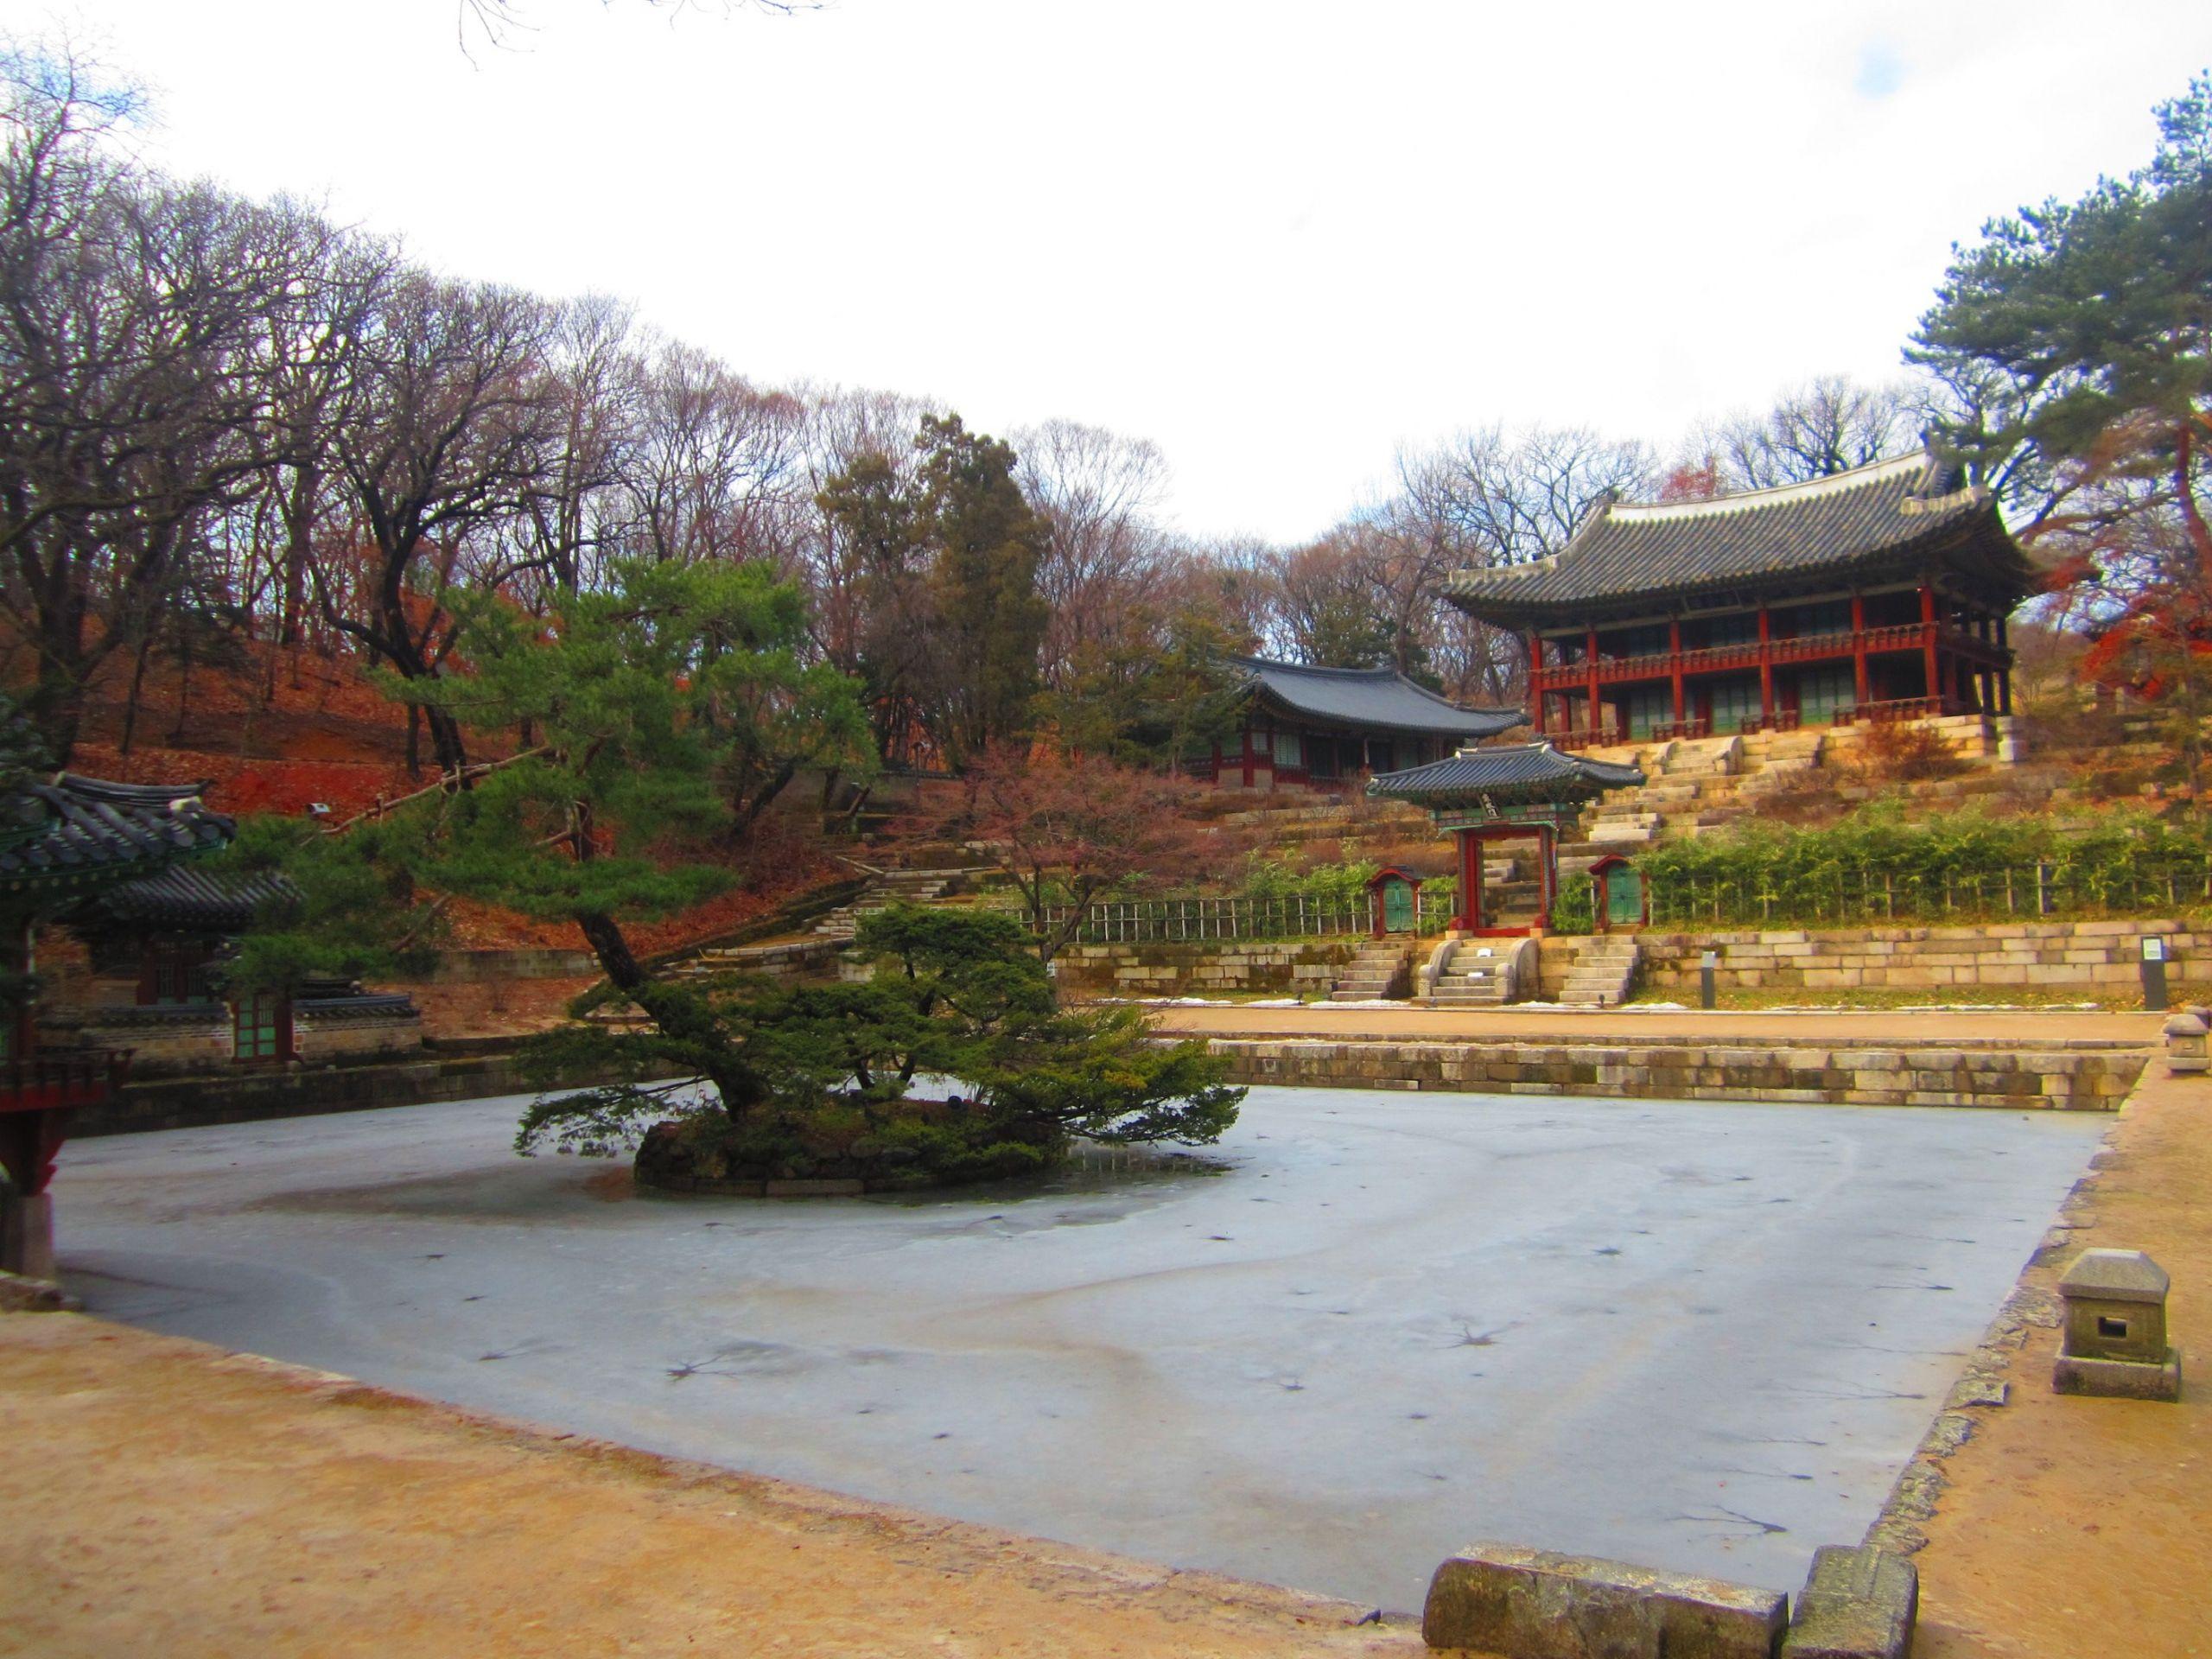 China Garten Luxus I Ice A Frozen Pond at the Secret Garden